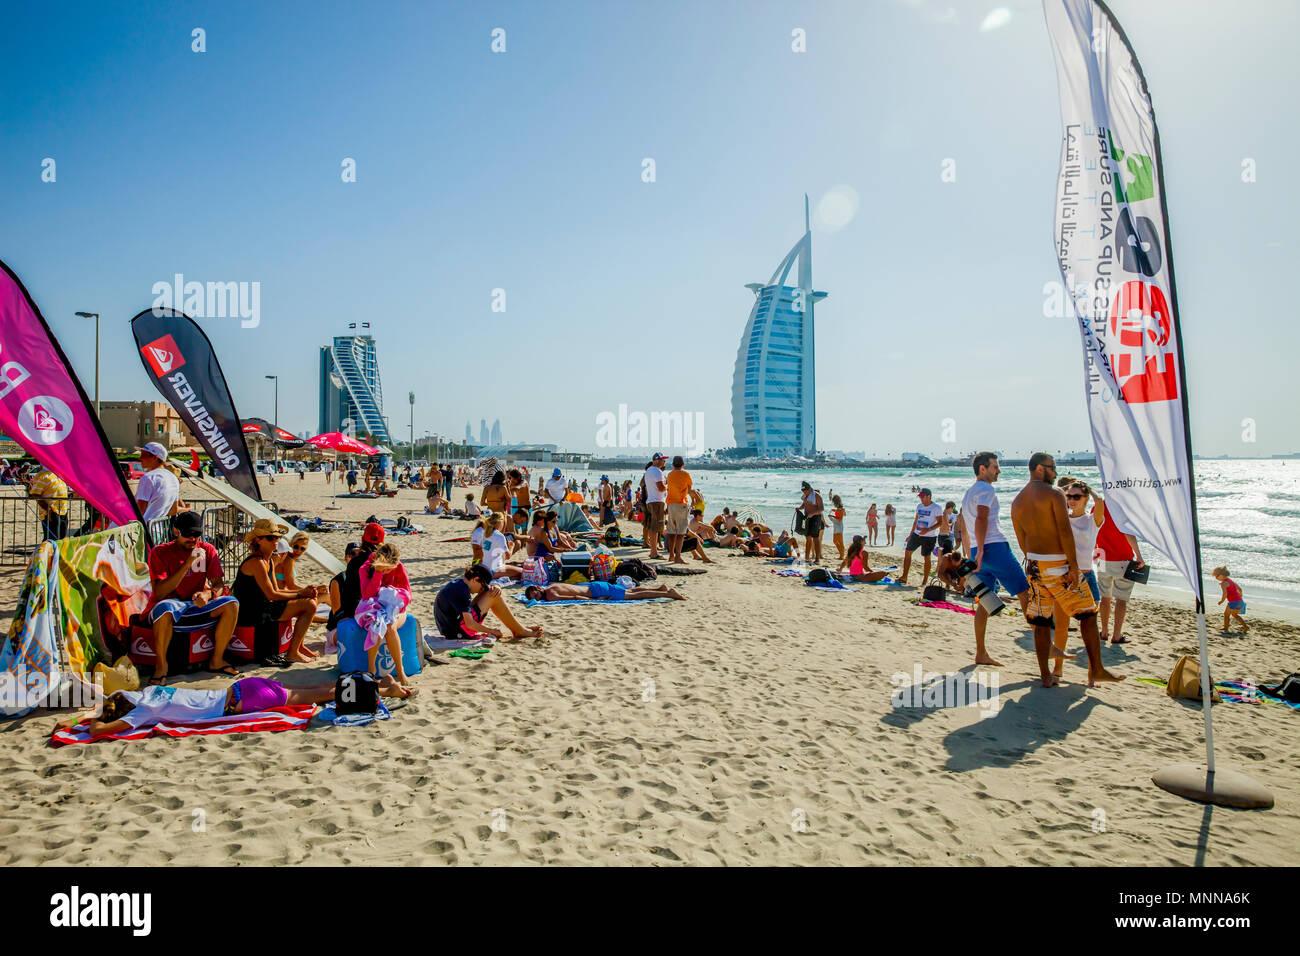 Burj Al Arab, Jumeirah beach, Dubai - Stock Image